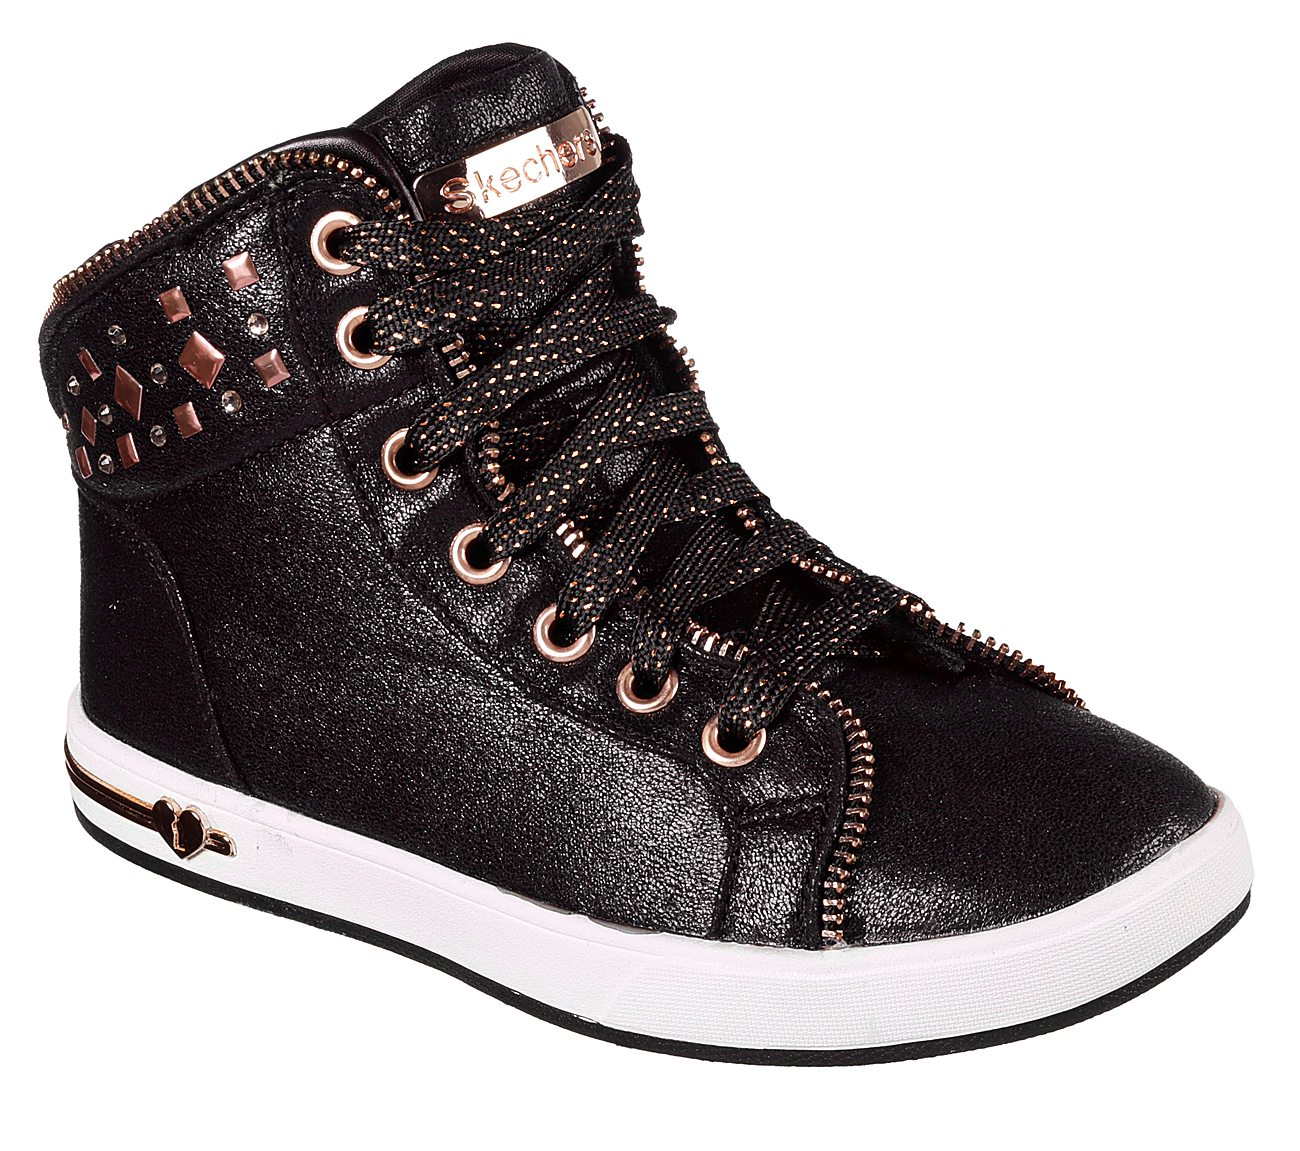 Select SZ//Color. Skechers Kids Girls Shoutouts-Zipsters Sneaker